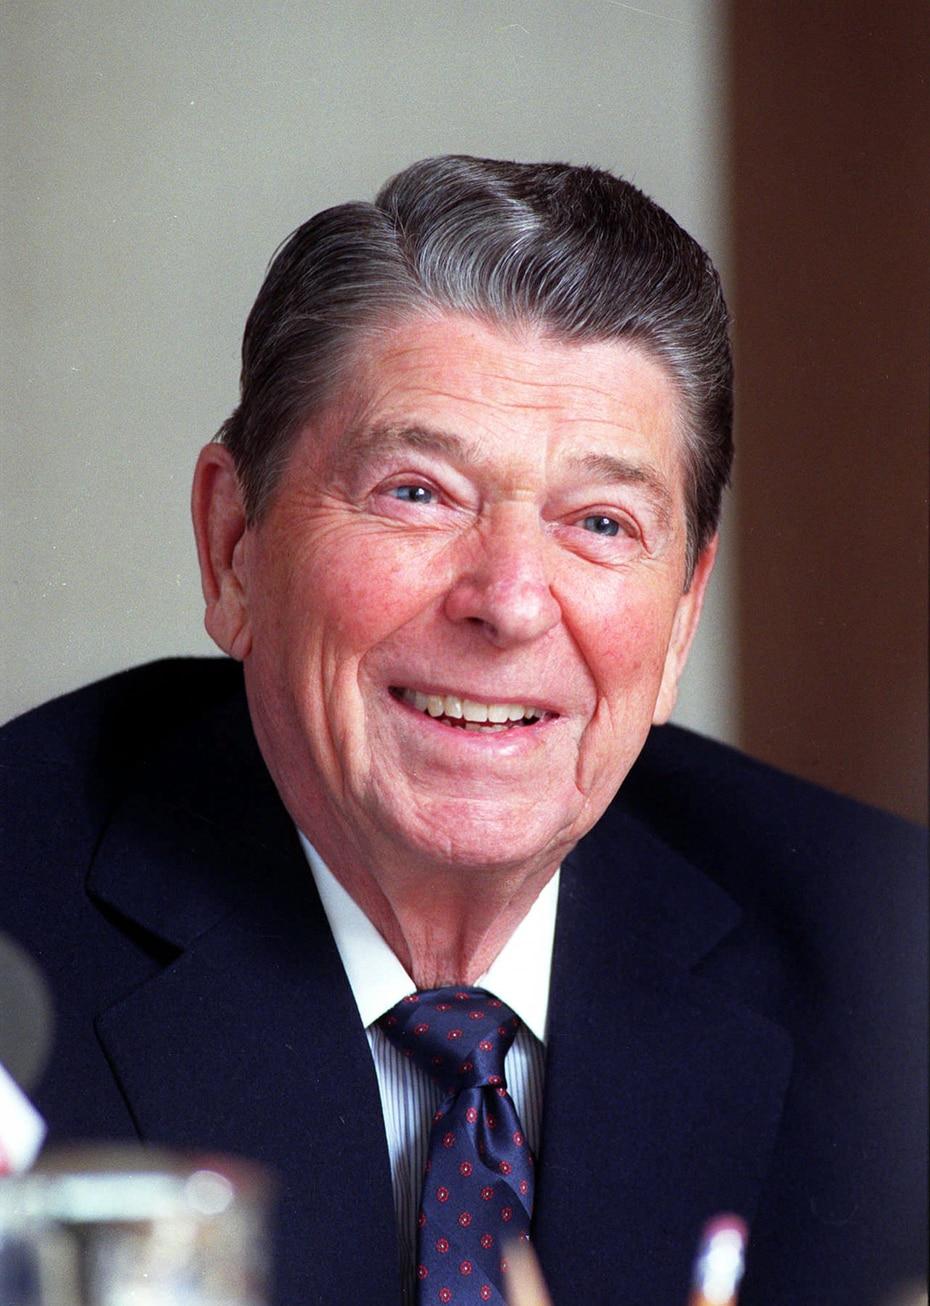 Ronald Wilson Reagan fue un actor y político estadounidense, el cuadragésimo presidente de los Estados Unidos entre 1981 y 1989 y el trigésimo tercer gobernador del estado de California entre 1967 y 1975. En el 1985 se sometió a una intervención quirúrgica en la que le fue extirpado un tumor benigno del colon.